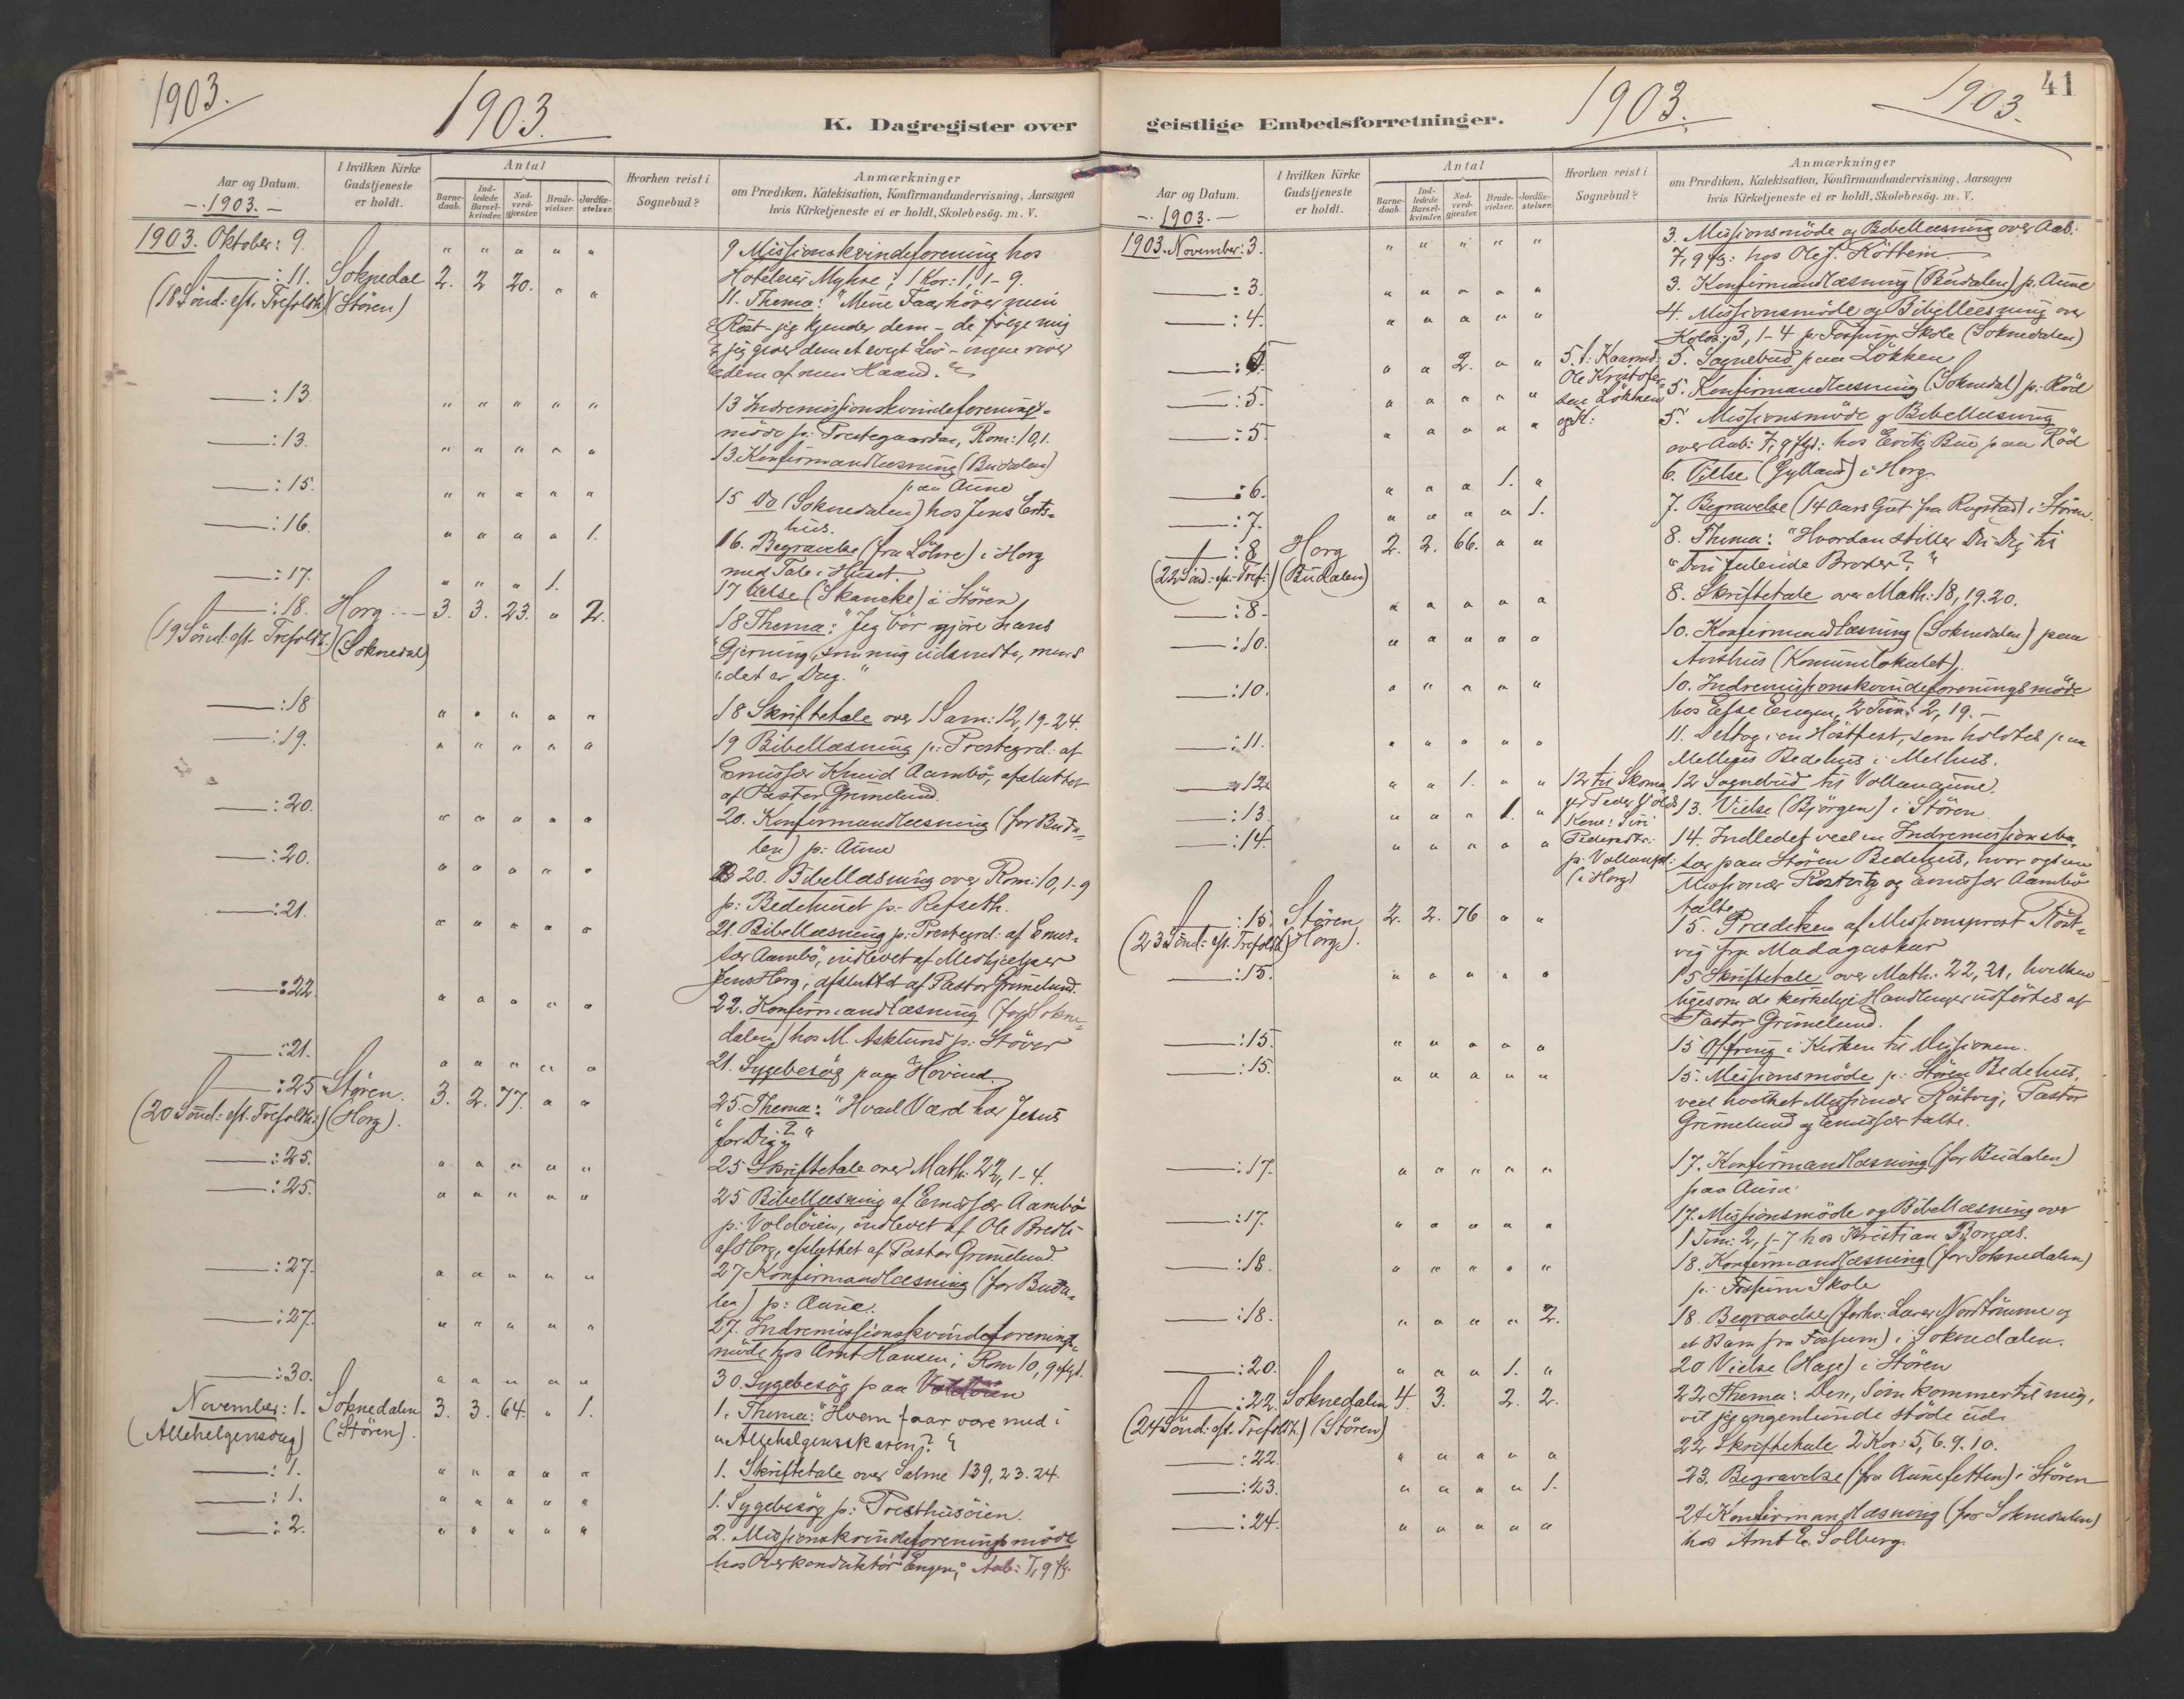 SAT, Ministerialprotokoller, klokkerbøker og fødselsregistre - Sør-Trøndelag, 687/L1005: Dagregister nr. 687A11, 1891-1912, s. 41